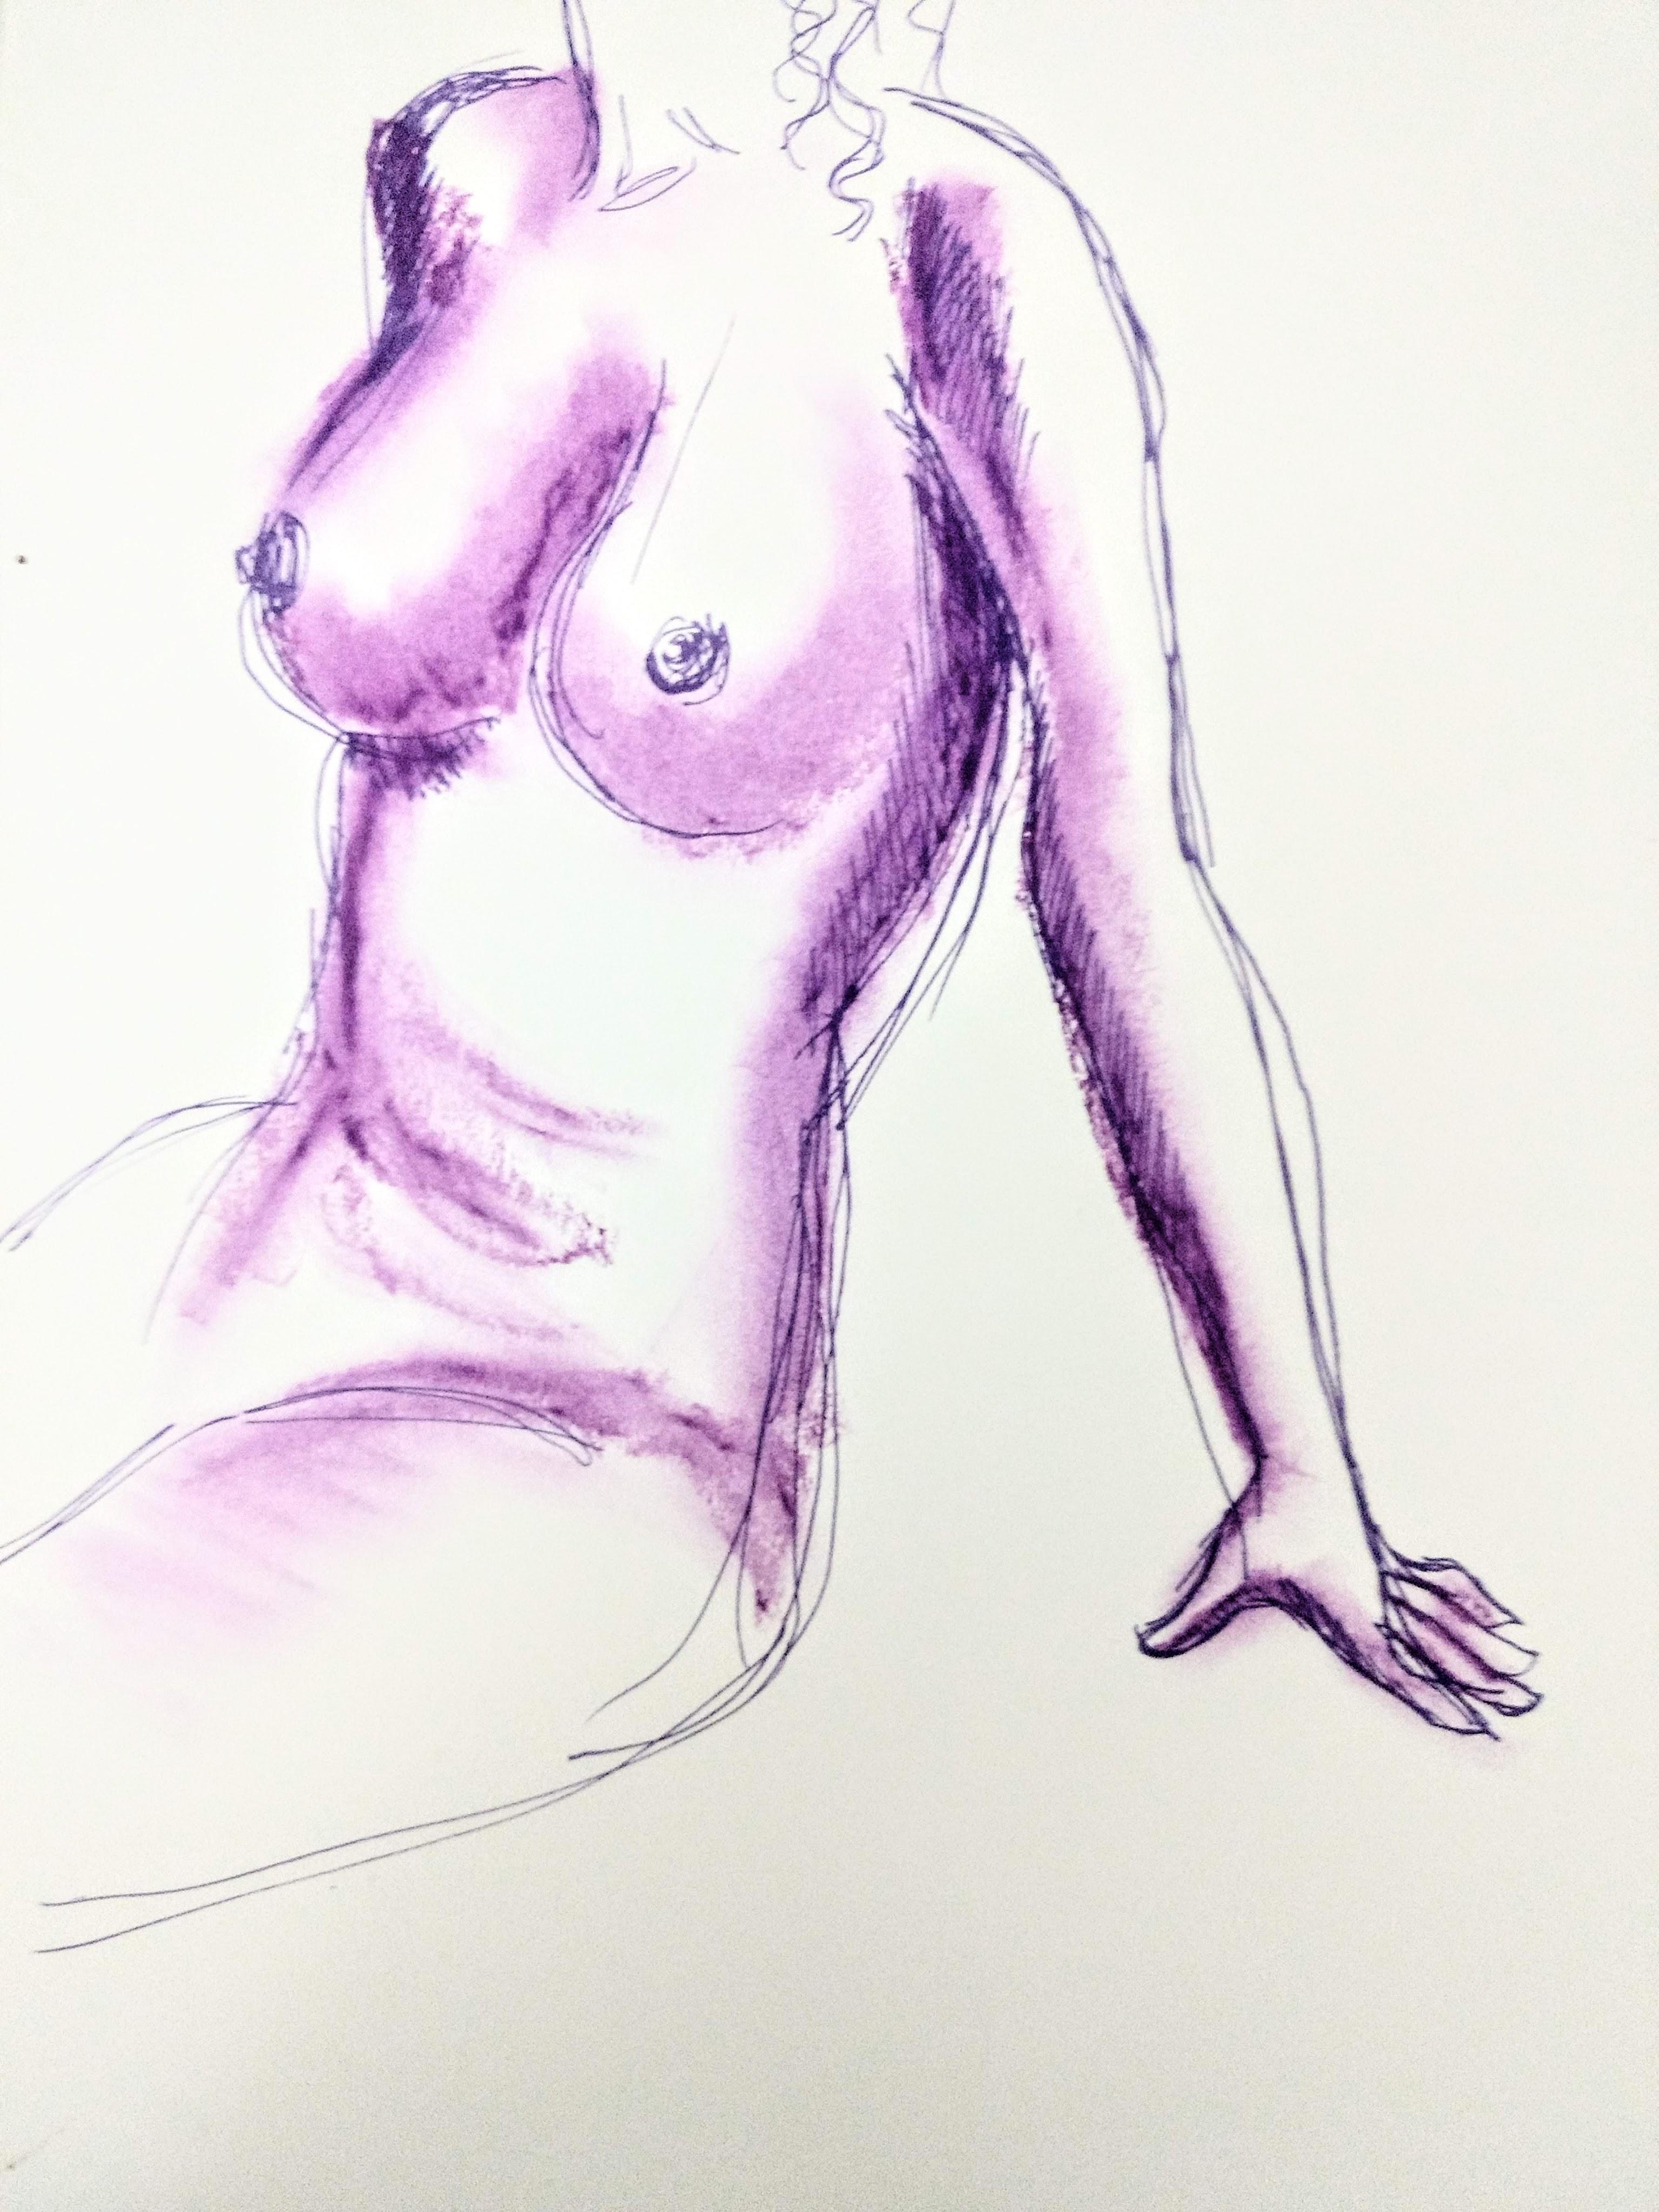 Desenho de modelo feminino trans nu, em caneta posca e pastel oleoso, realizado durante Prática de modelo vivo com Rafa Coutinho e Laerte no espaço Breu em 2019.